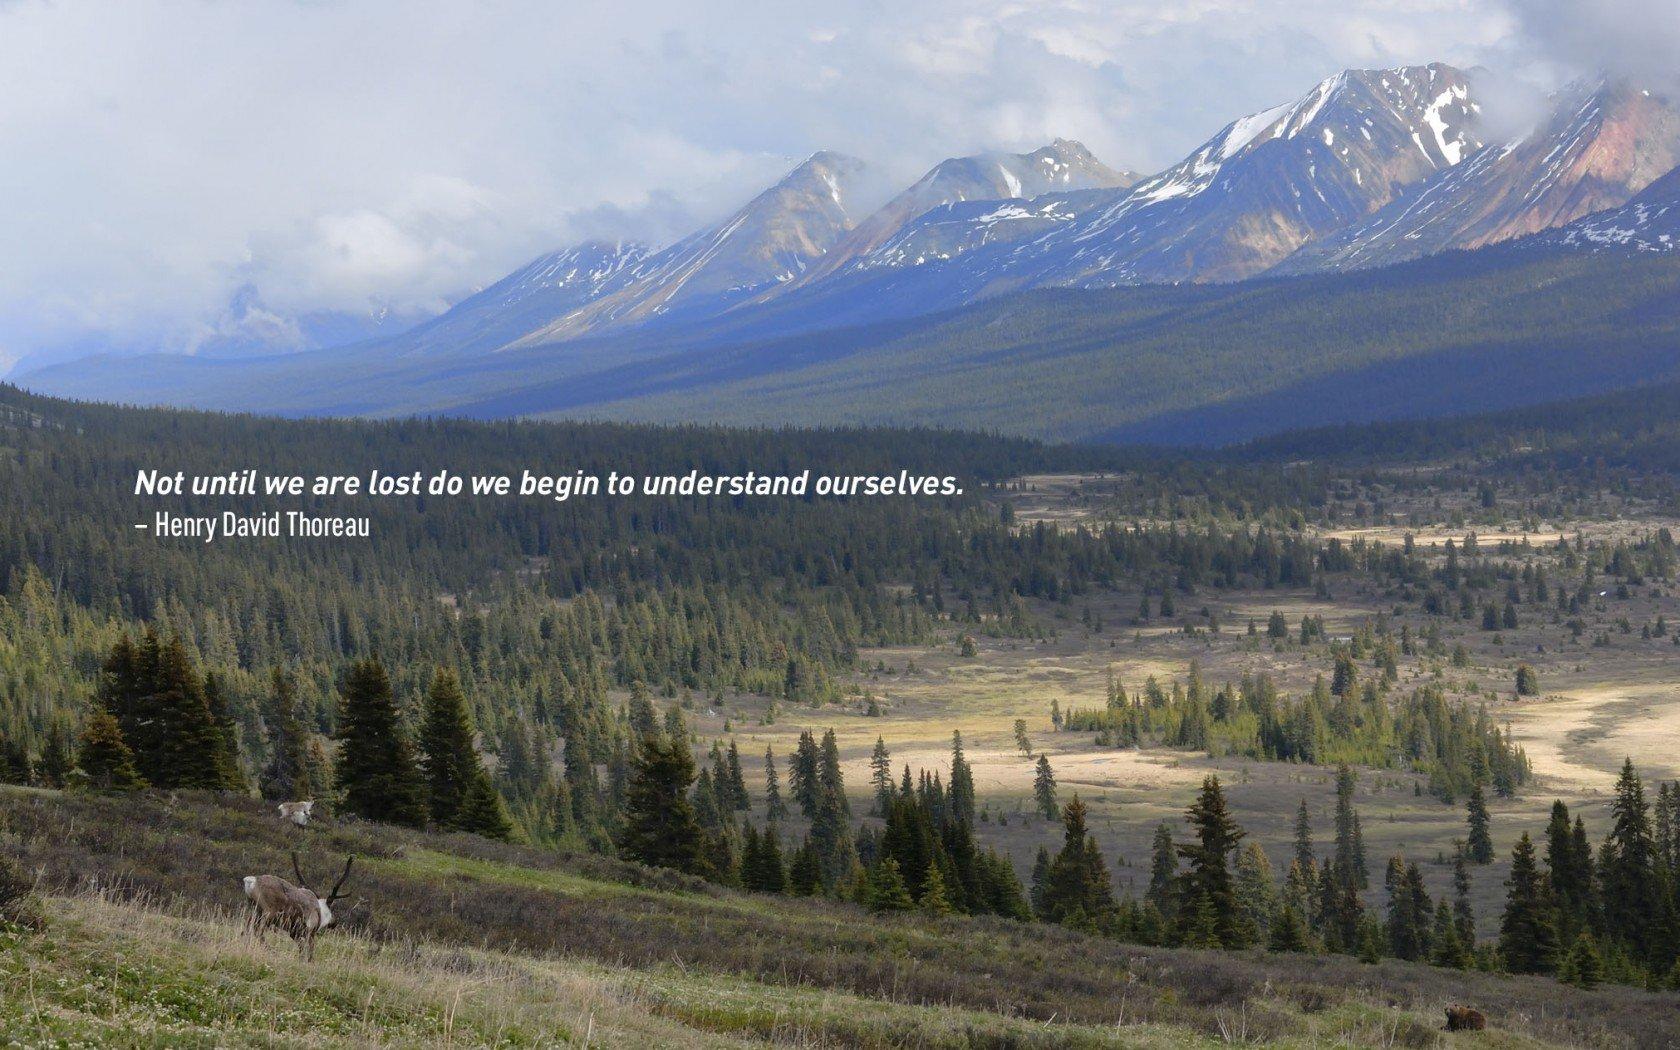 Citation de voyage de Henry David Thoreau.